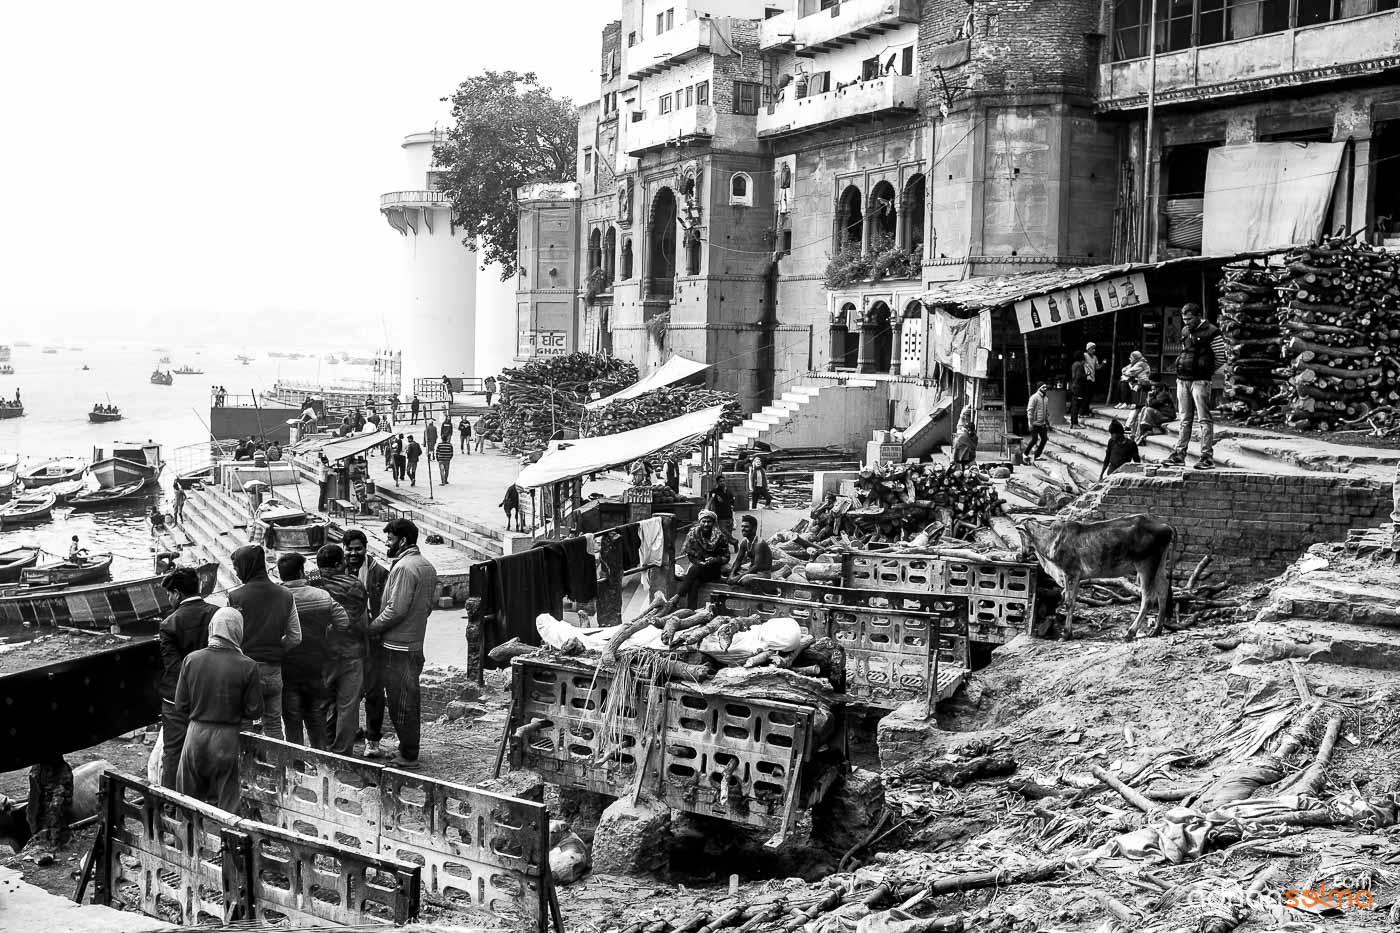 Uno de los crematorios de cadáveres a las orillas del Ganges. Varanassi